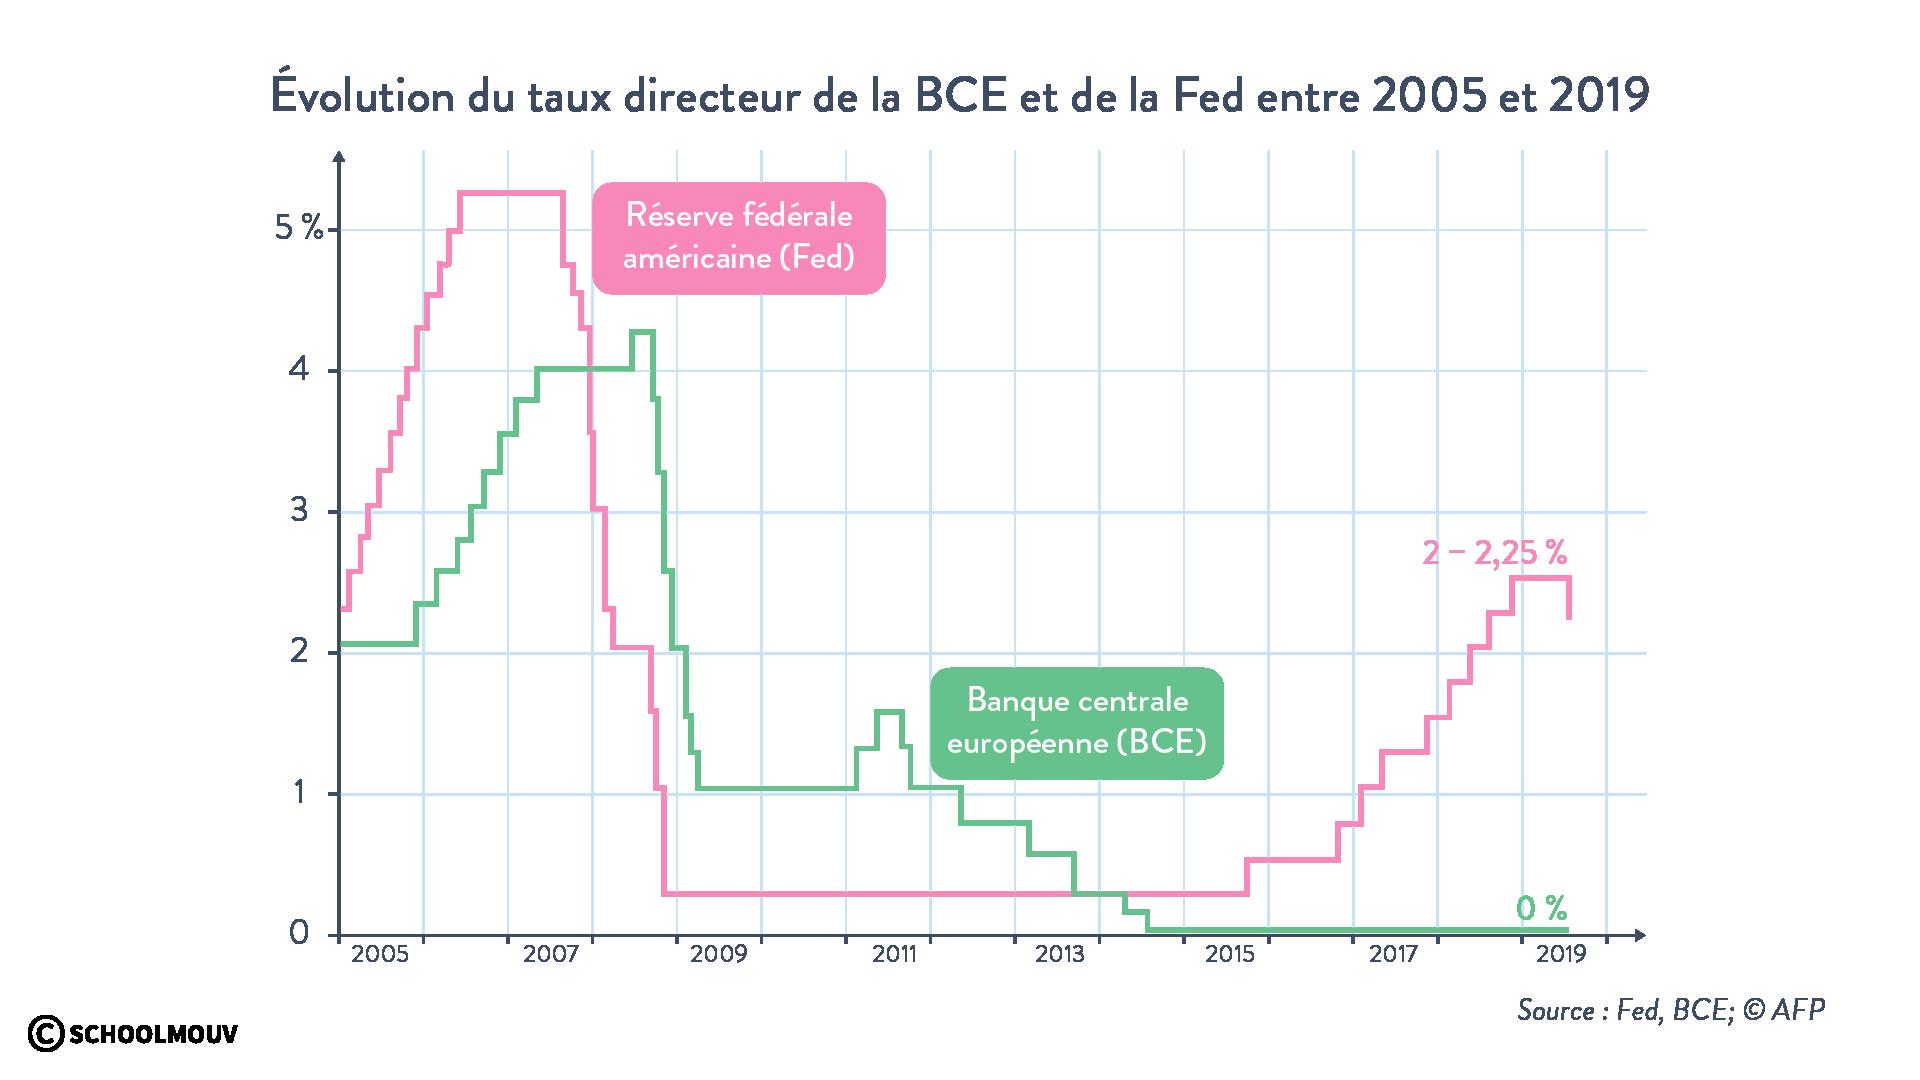 Évolution taux directeur BCE  Fed